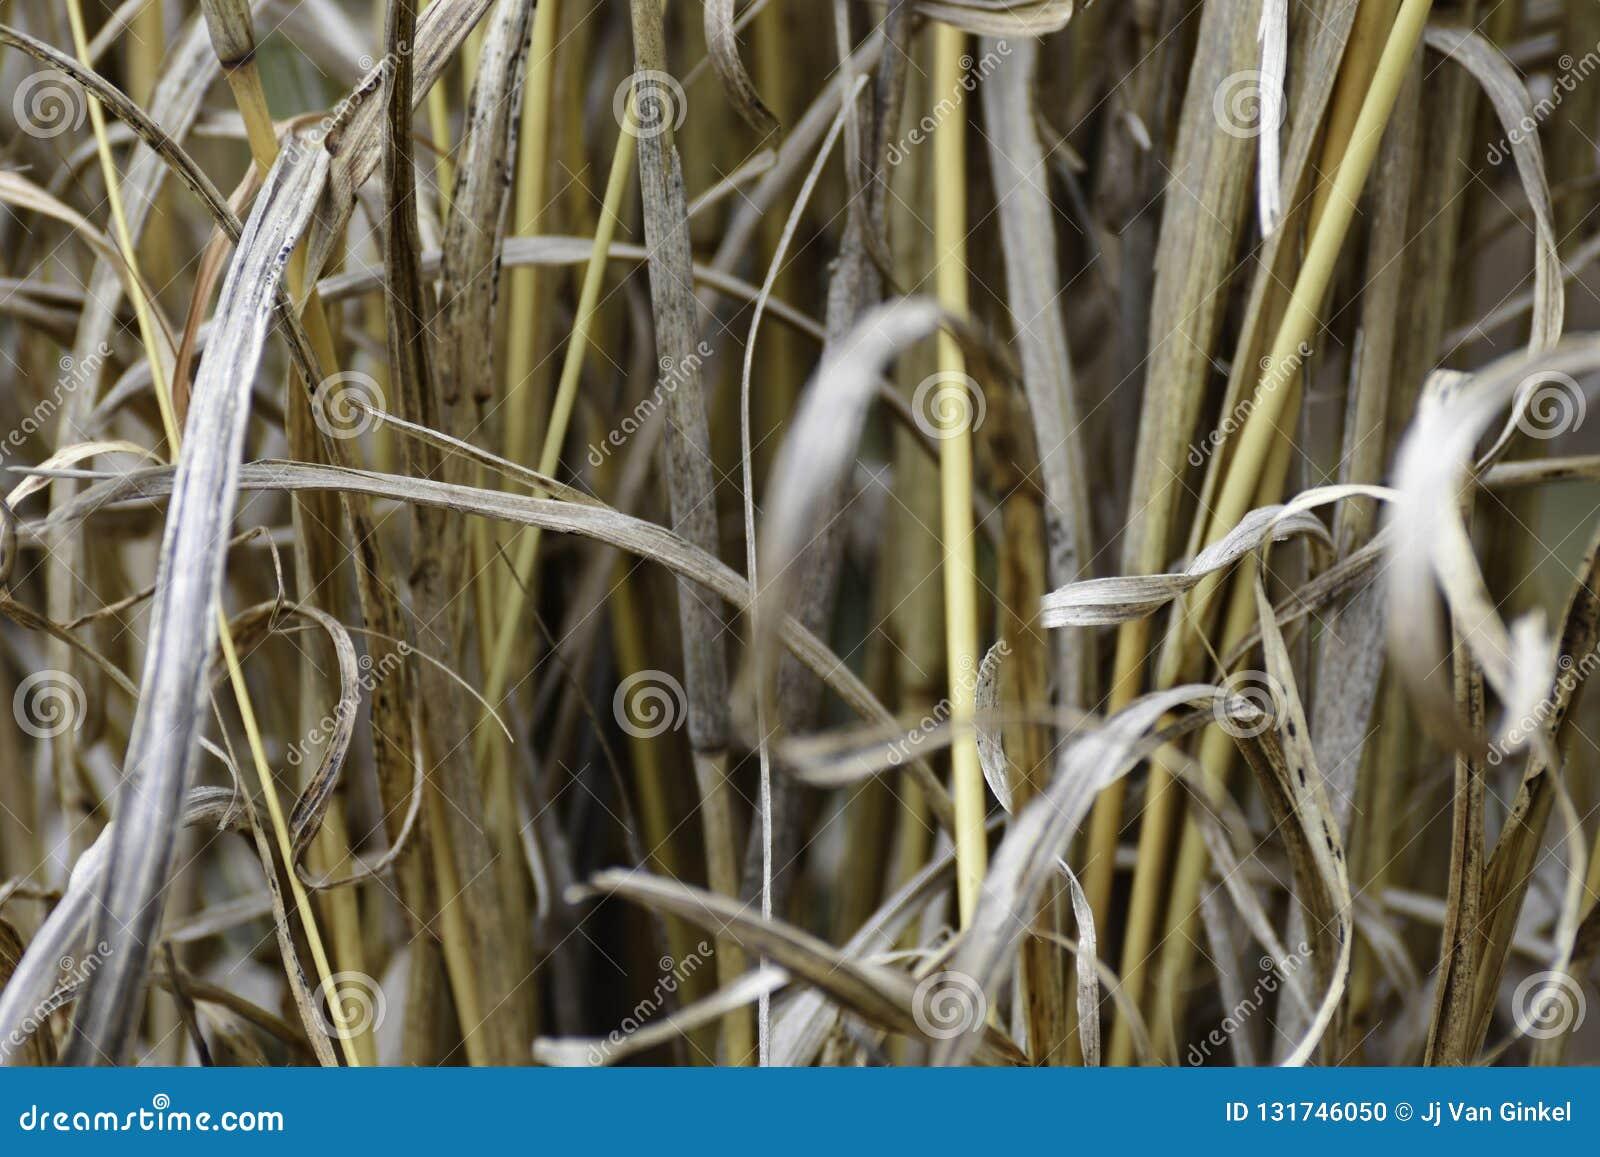 Kępa Szorstki Suchy Żółty Pokrywa strzechą trawy hyperthelia dissoluta W górę